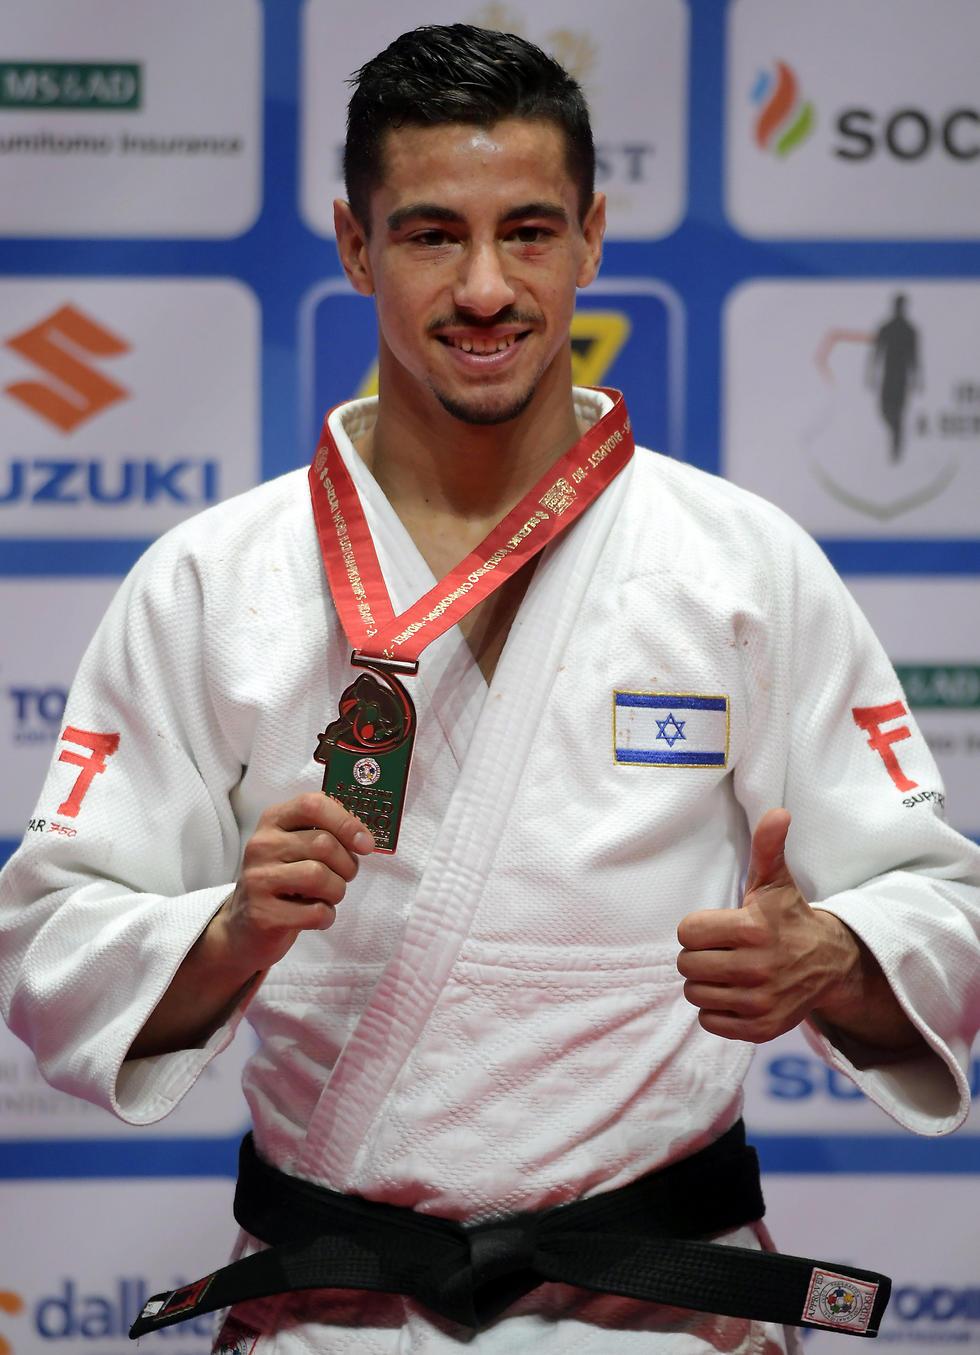 פליקר והמדליה. עשה את העבודה (צילום: AFP) (צילום: AFP)